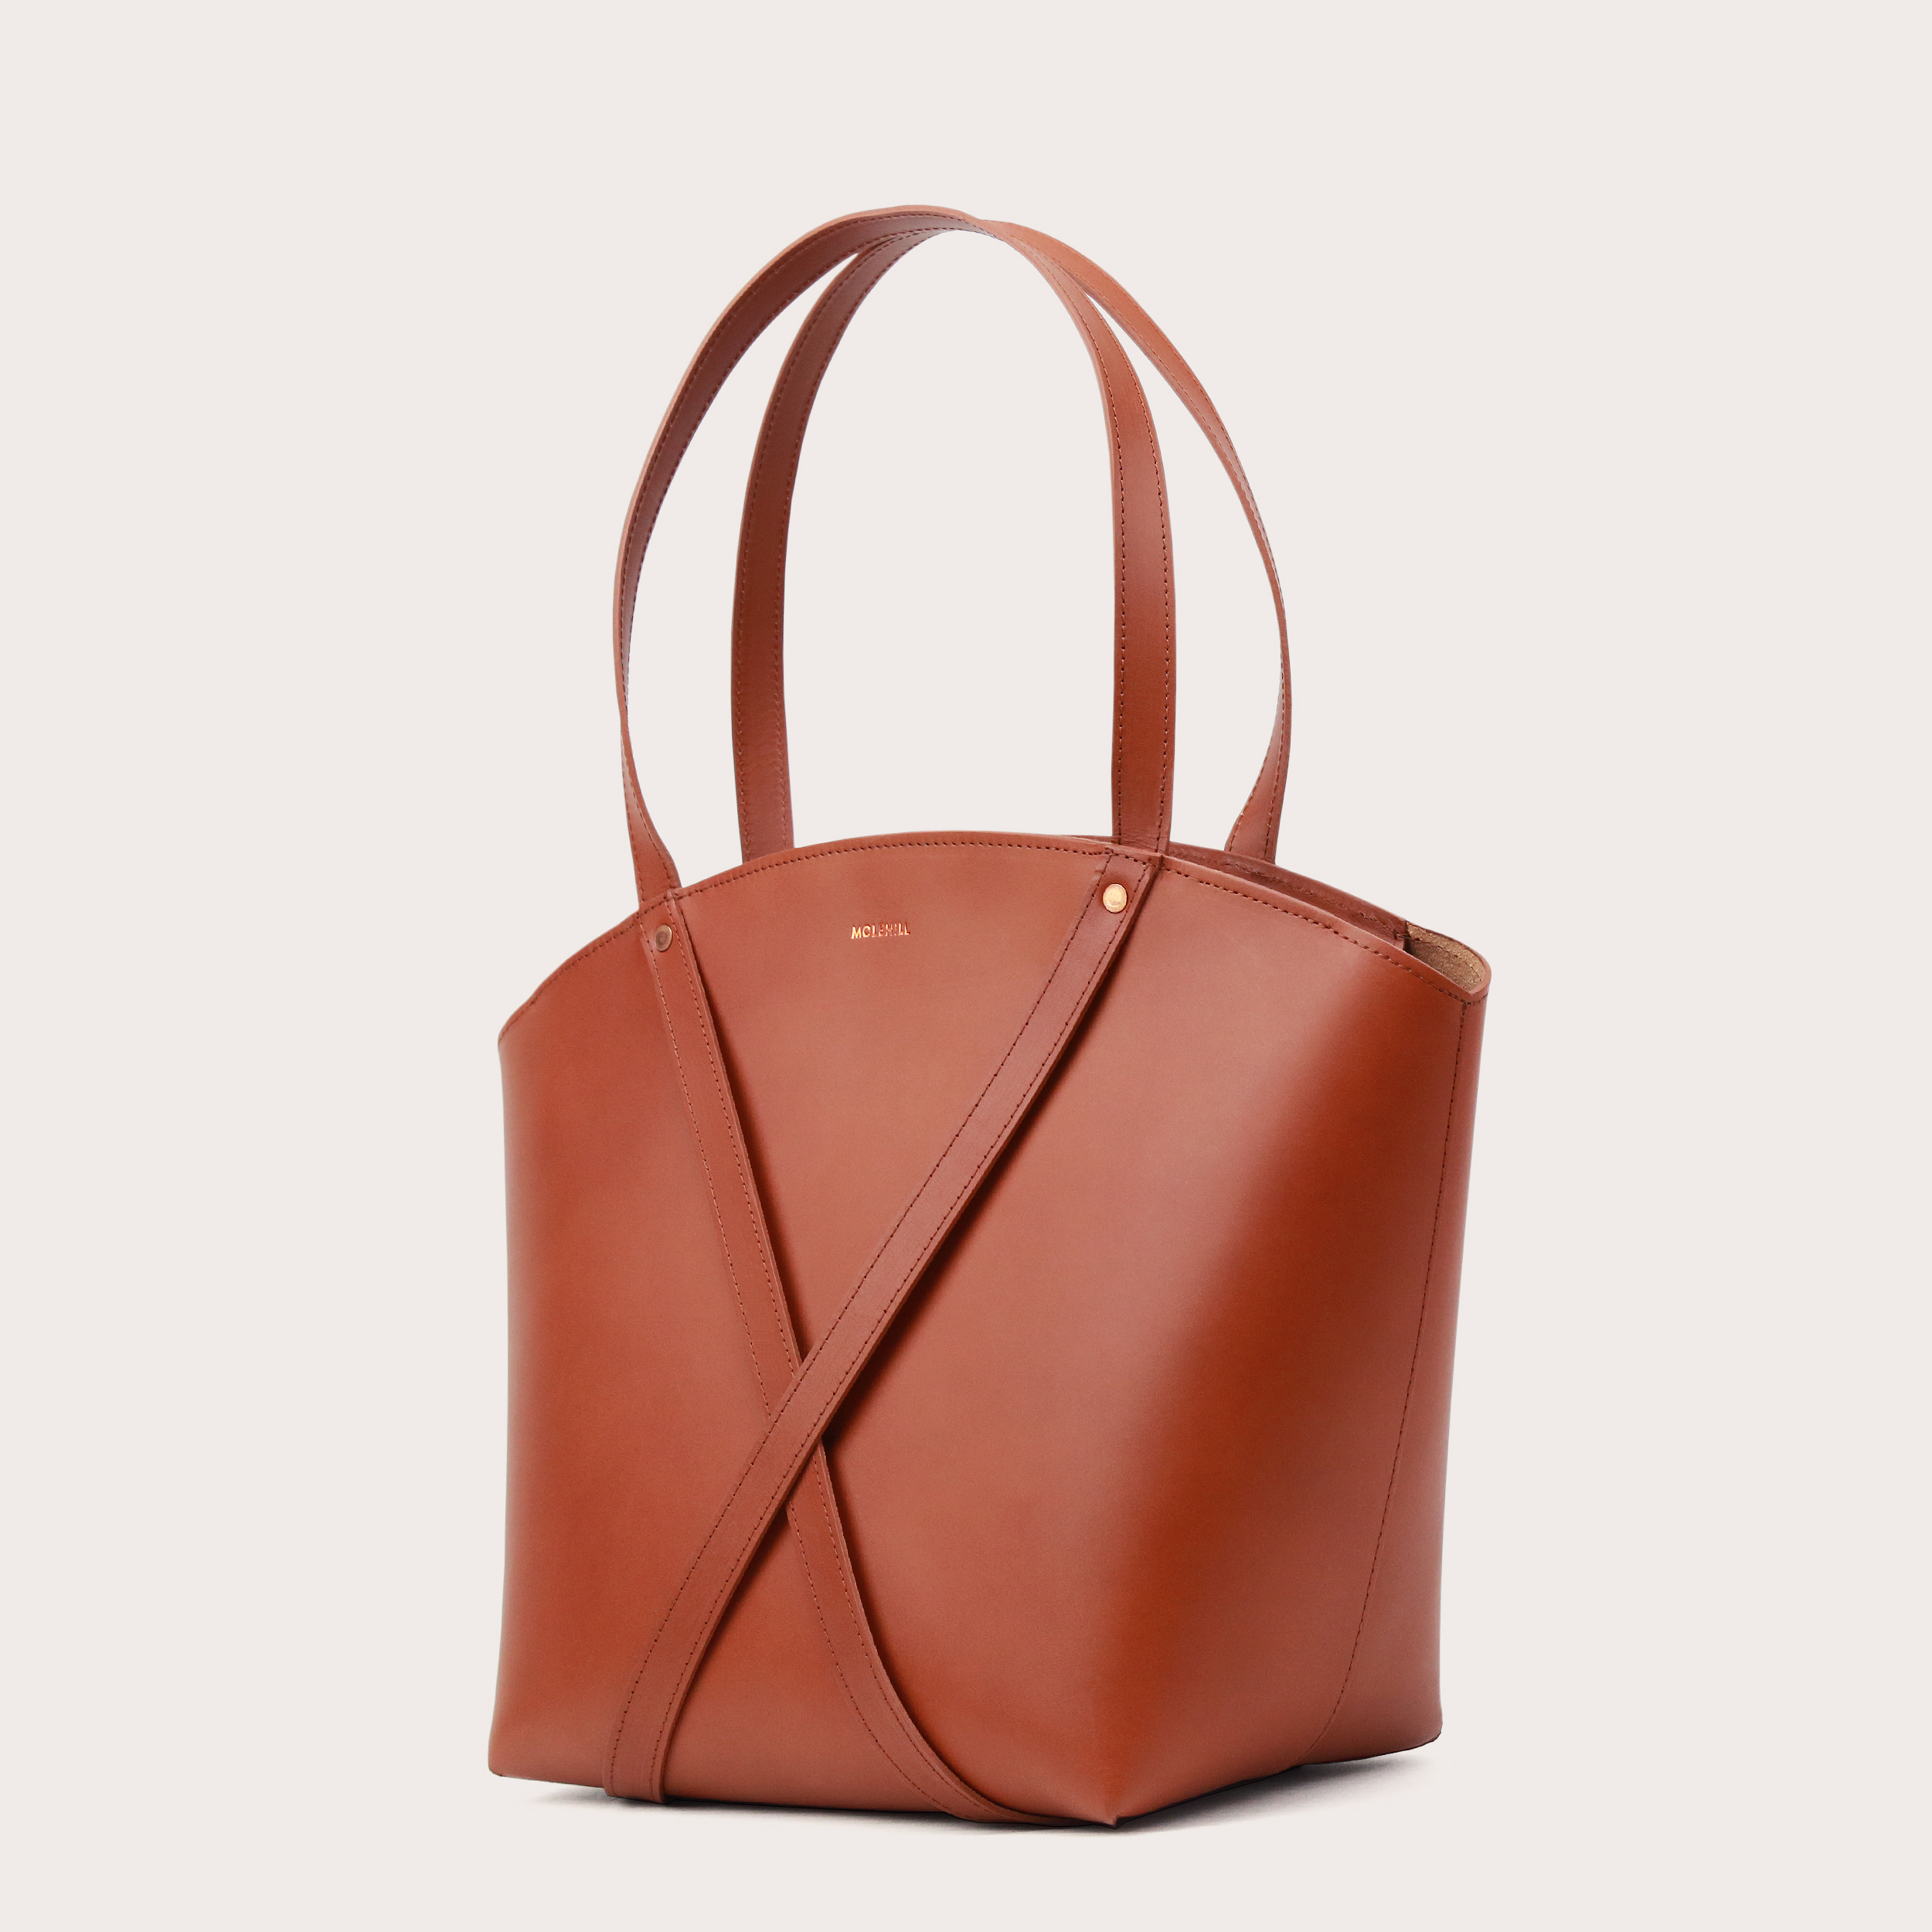 BONDIA Shopper Bag Cognac-3